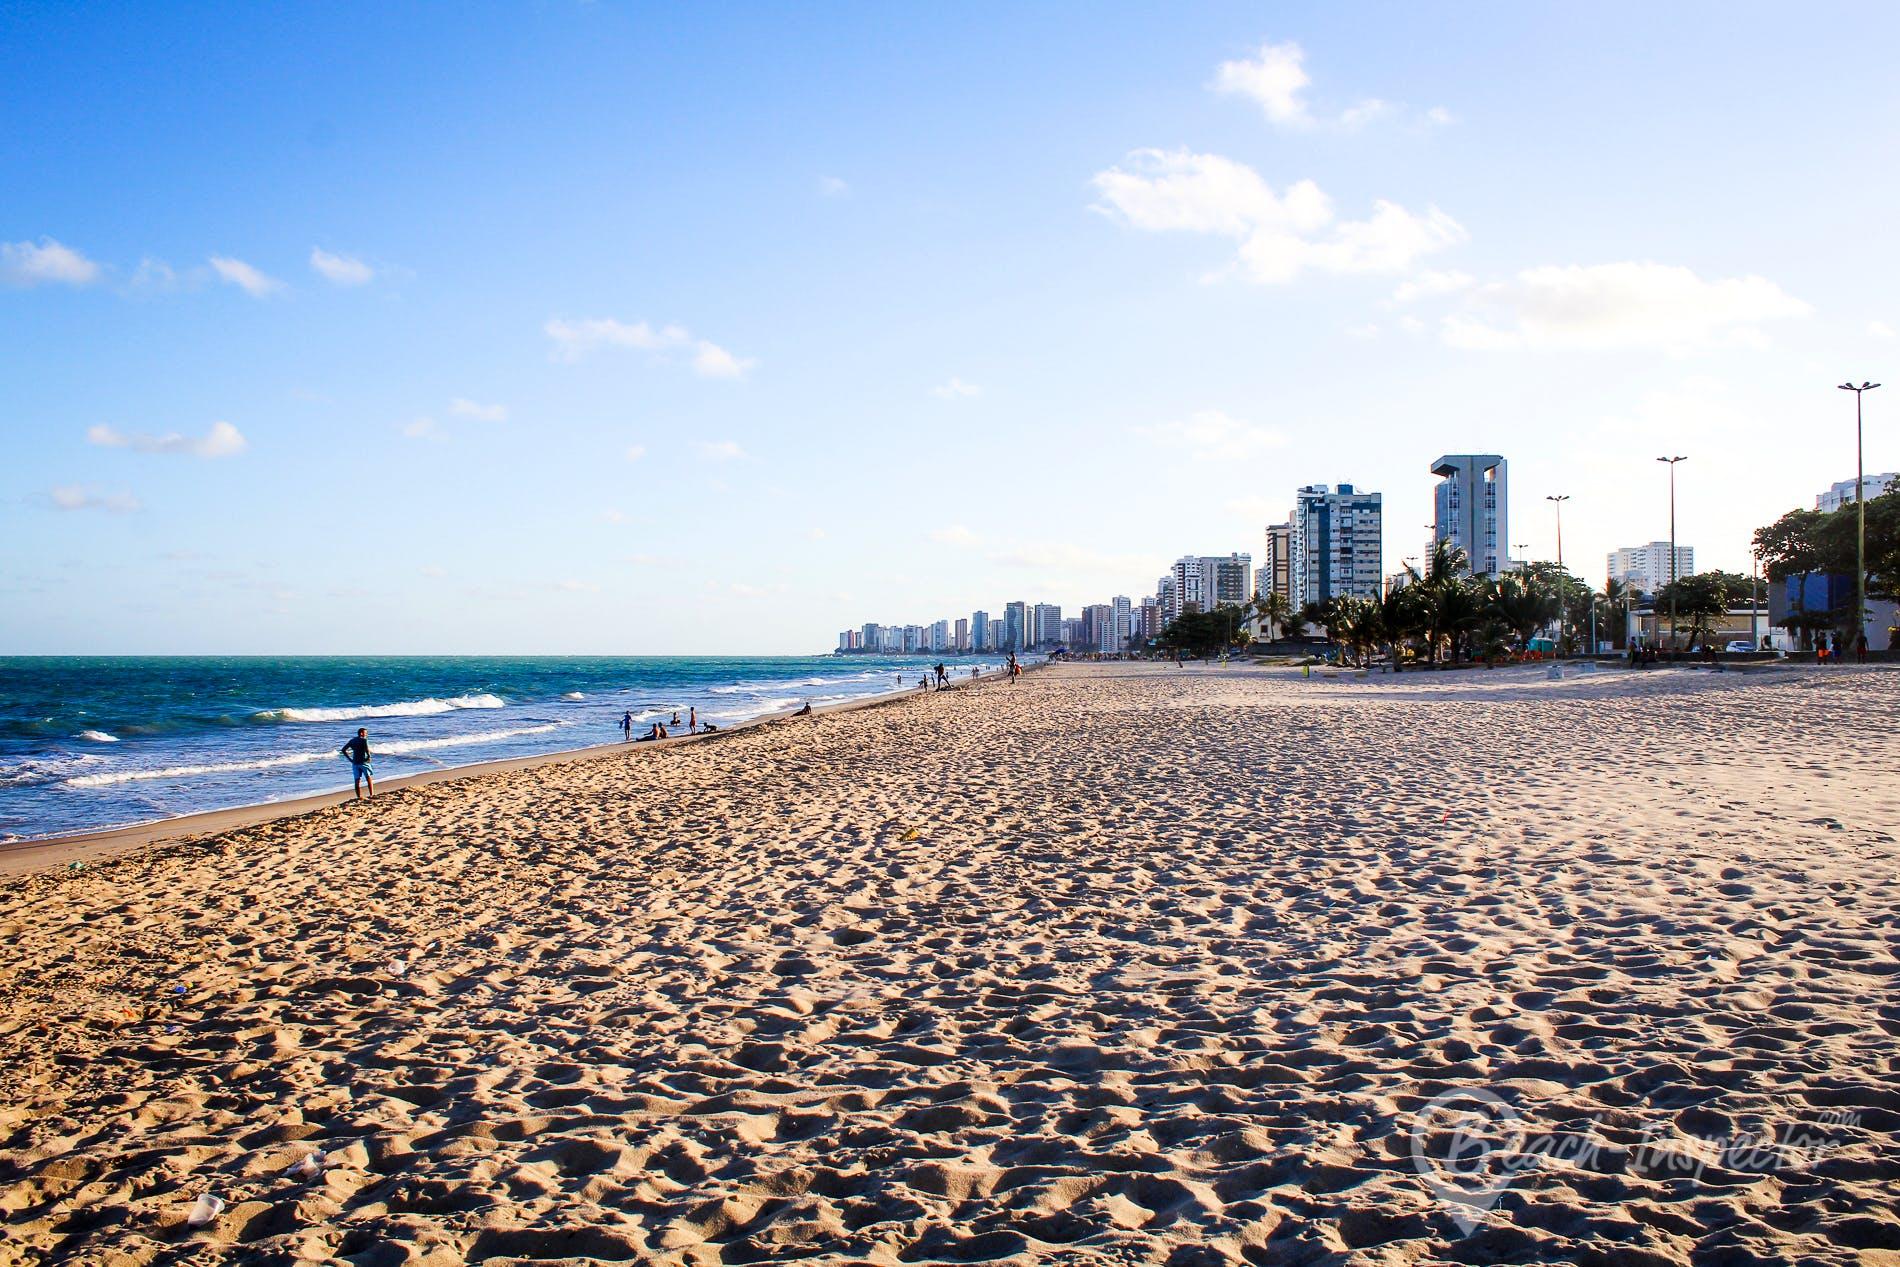 Beach Praia de Piedade, Pernambuco, Brazil